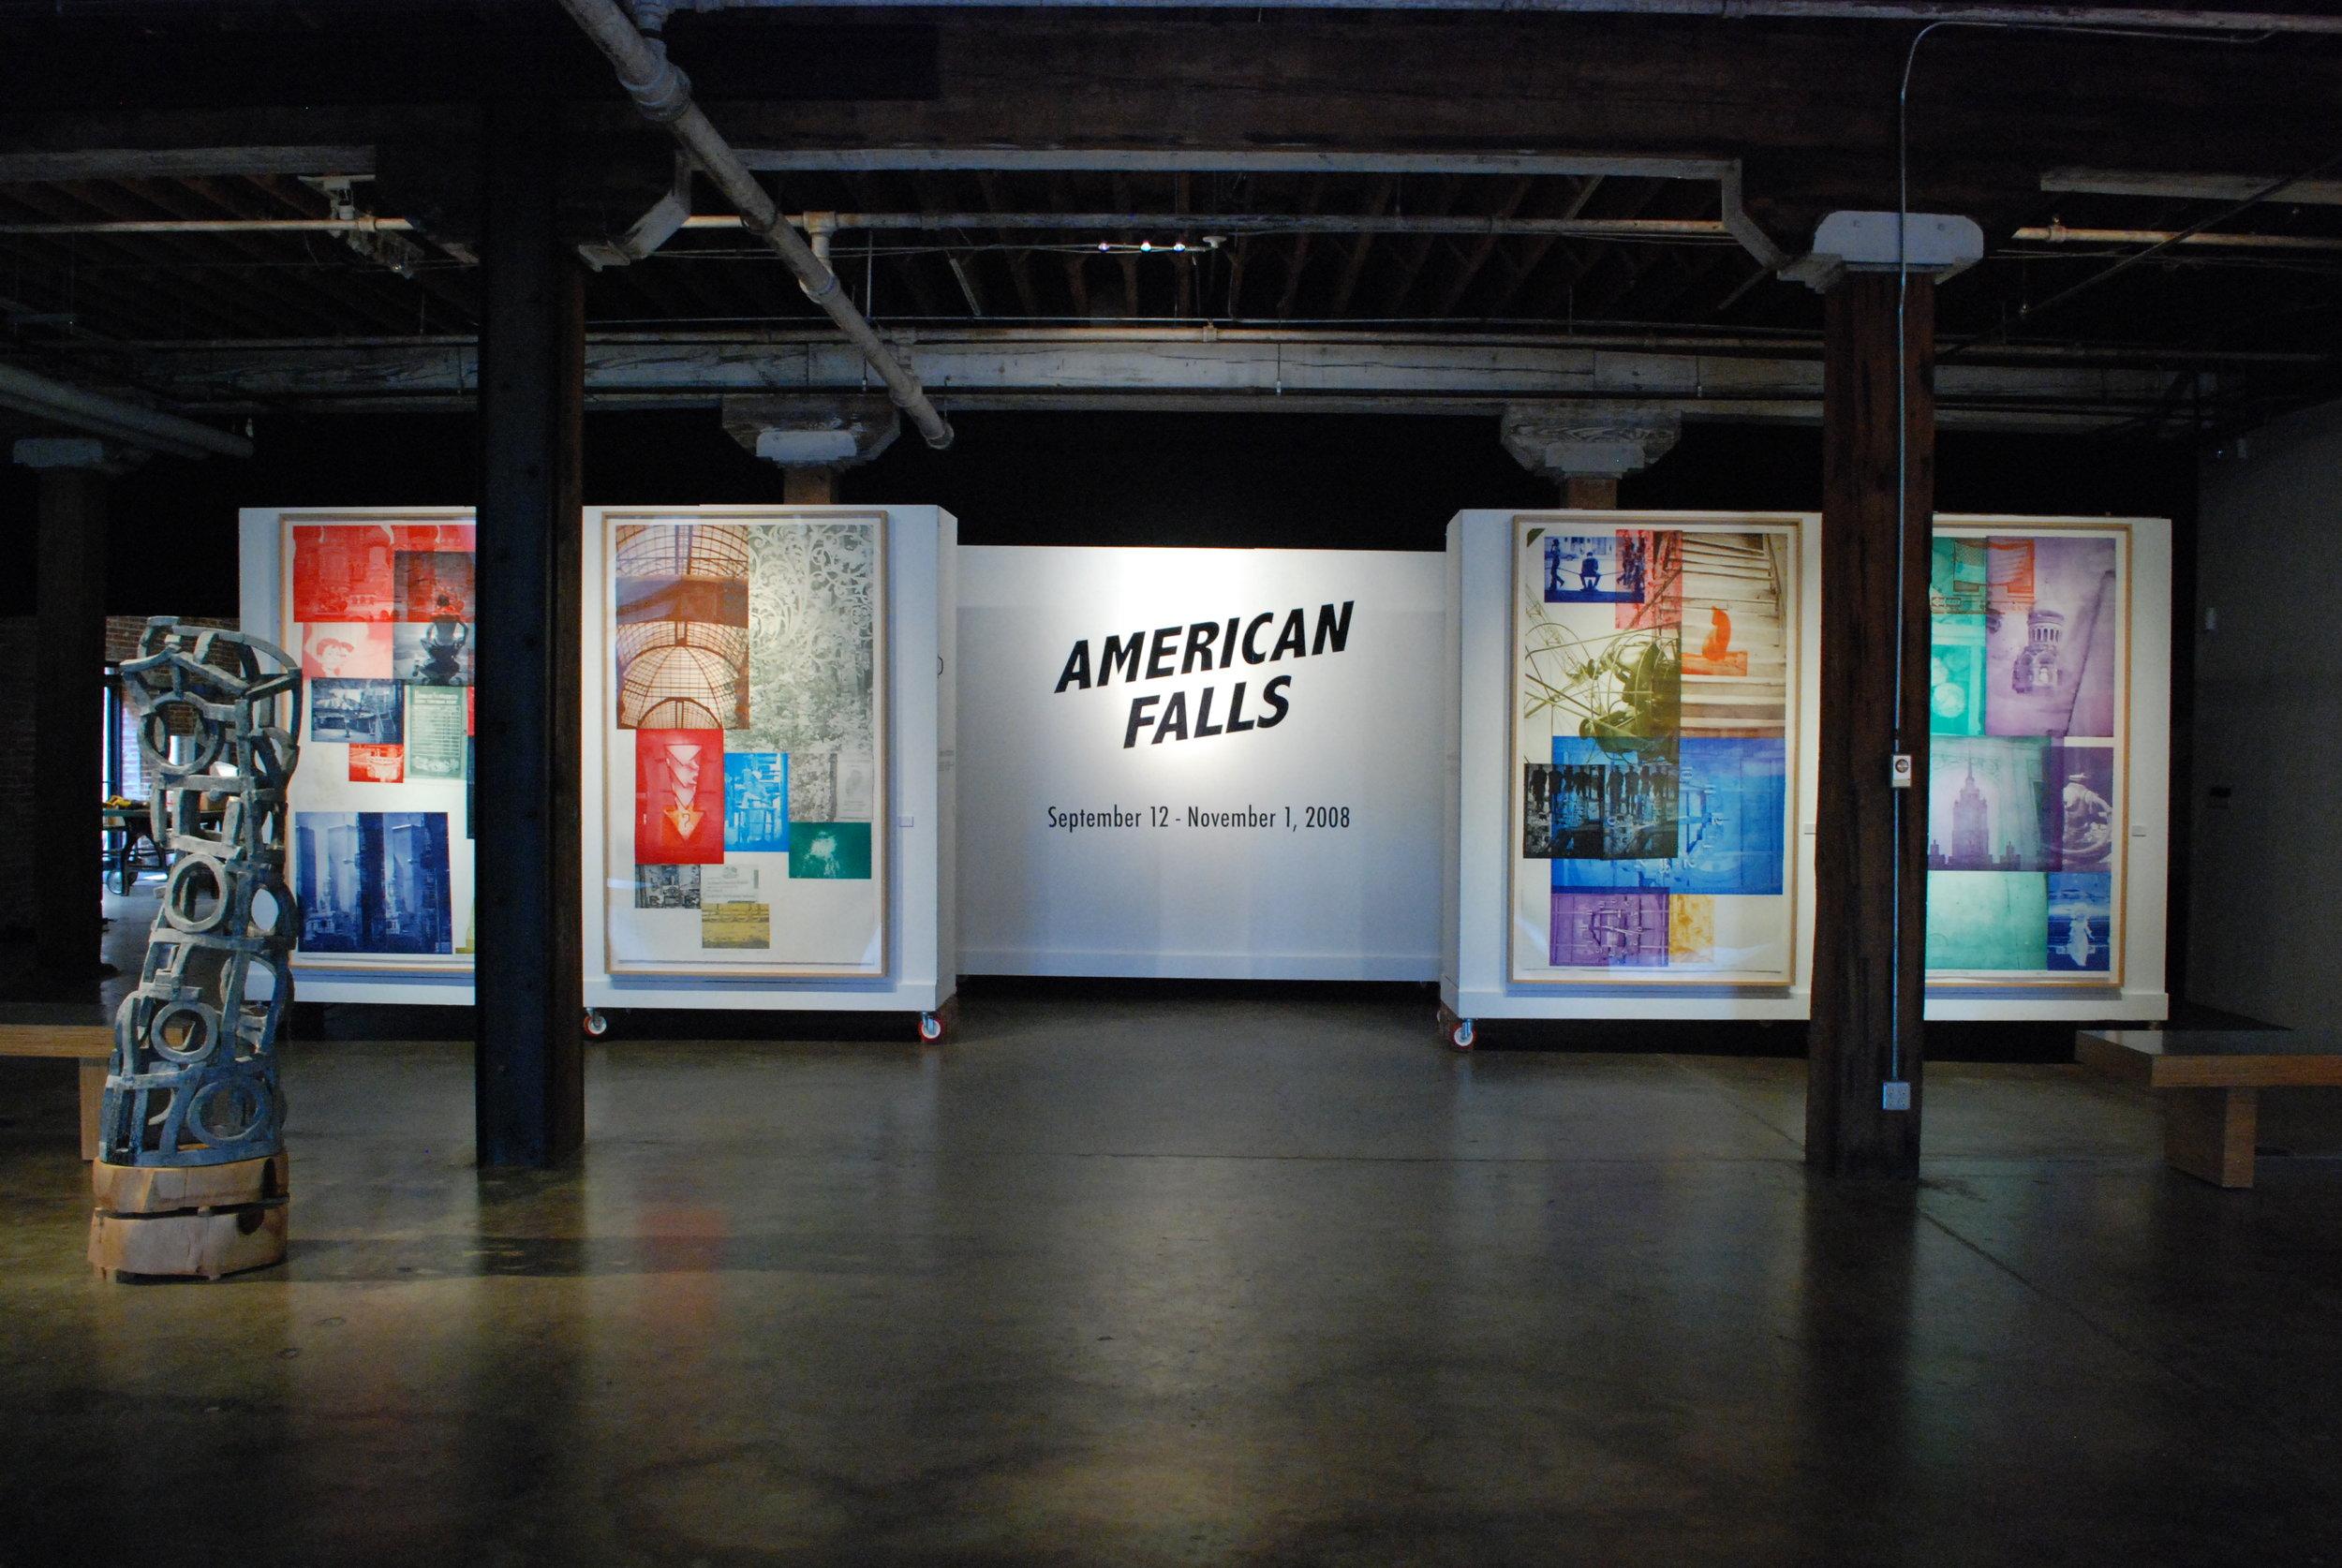 Philip Solomon's American Falls - September 12th - November 1st